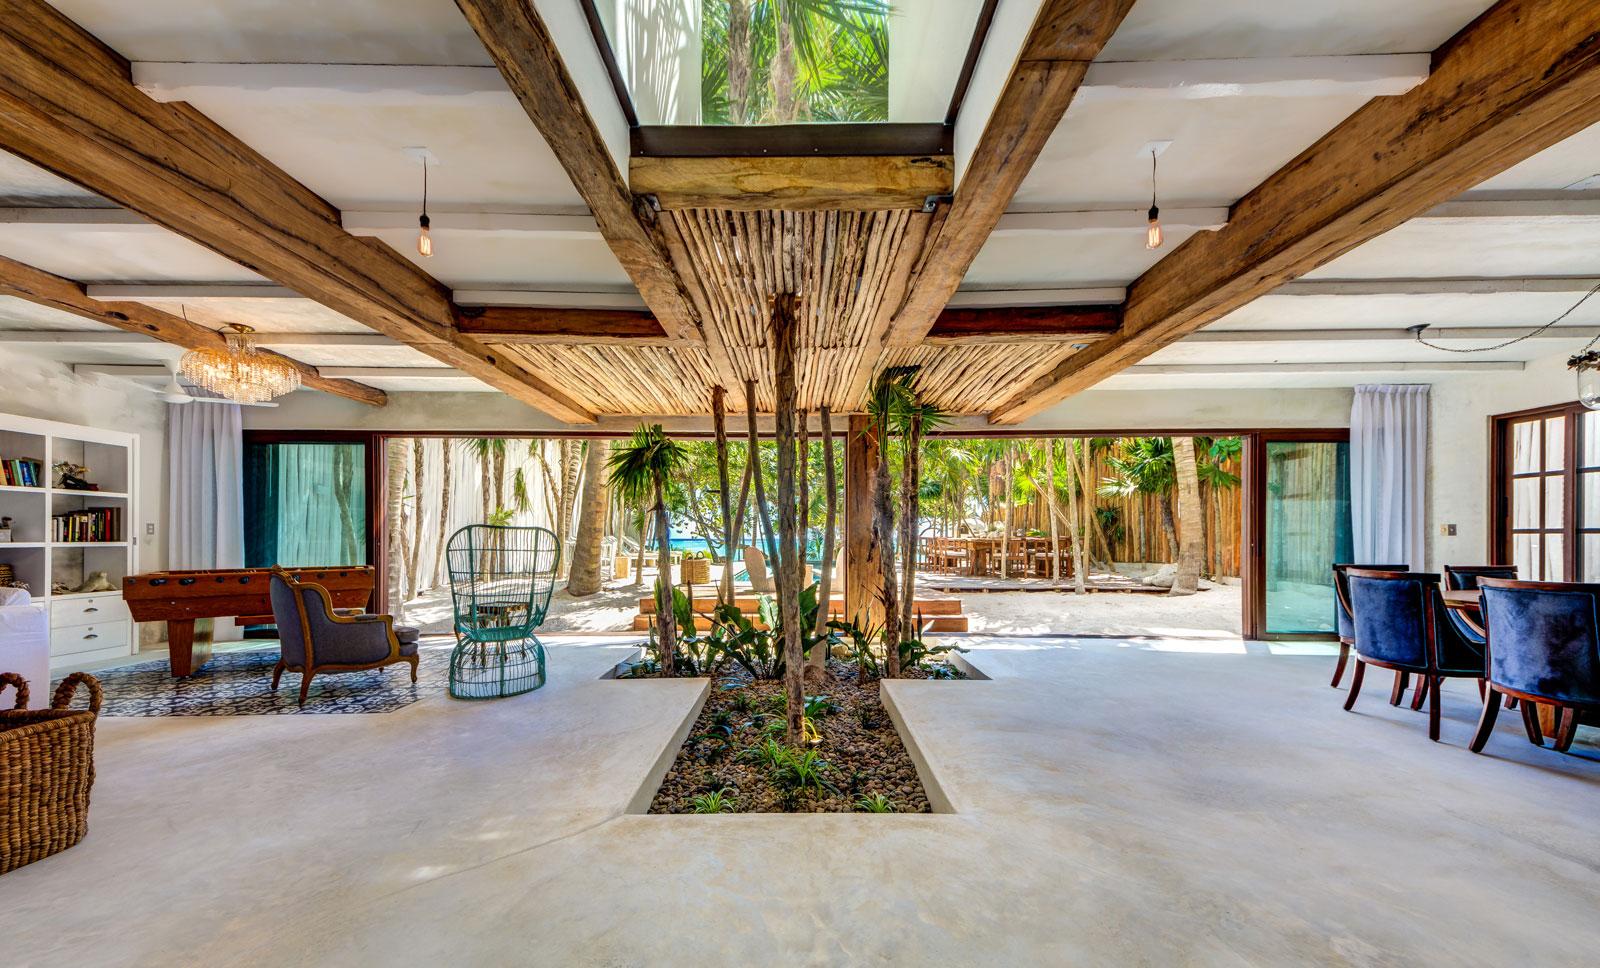 Maya_Luxe_Riviera_Maya_Luxury_Villas_Experiences_Soliman_Bay_Tulum_5_Bedrooms_Villa_La_Semilla_14.jpg